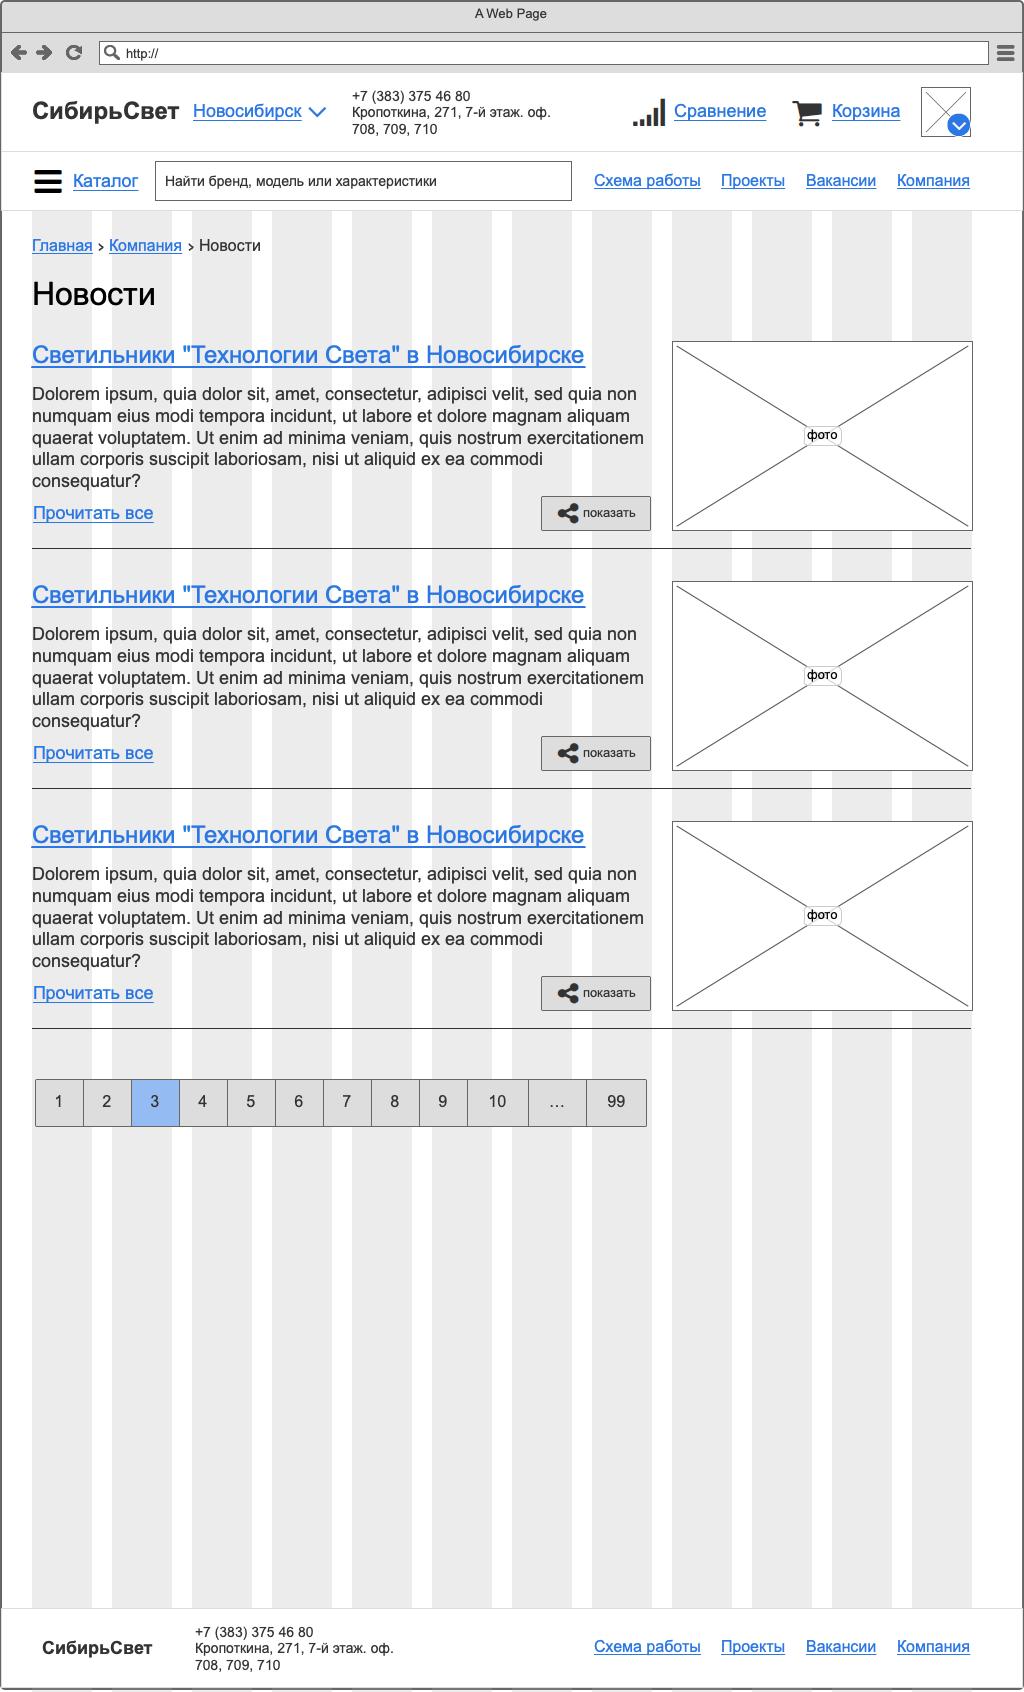 Магазин «Сибирьсвет» Сайт Артура Нецветаева — сайты, приложения, прототипы и оформление интерфейсов 4 news